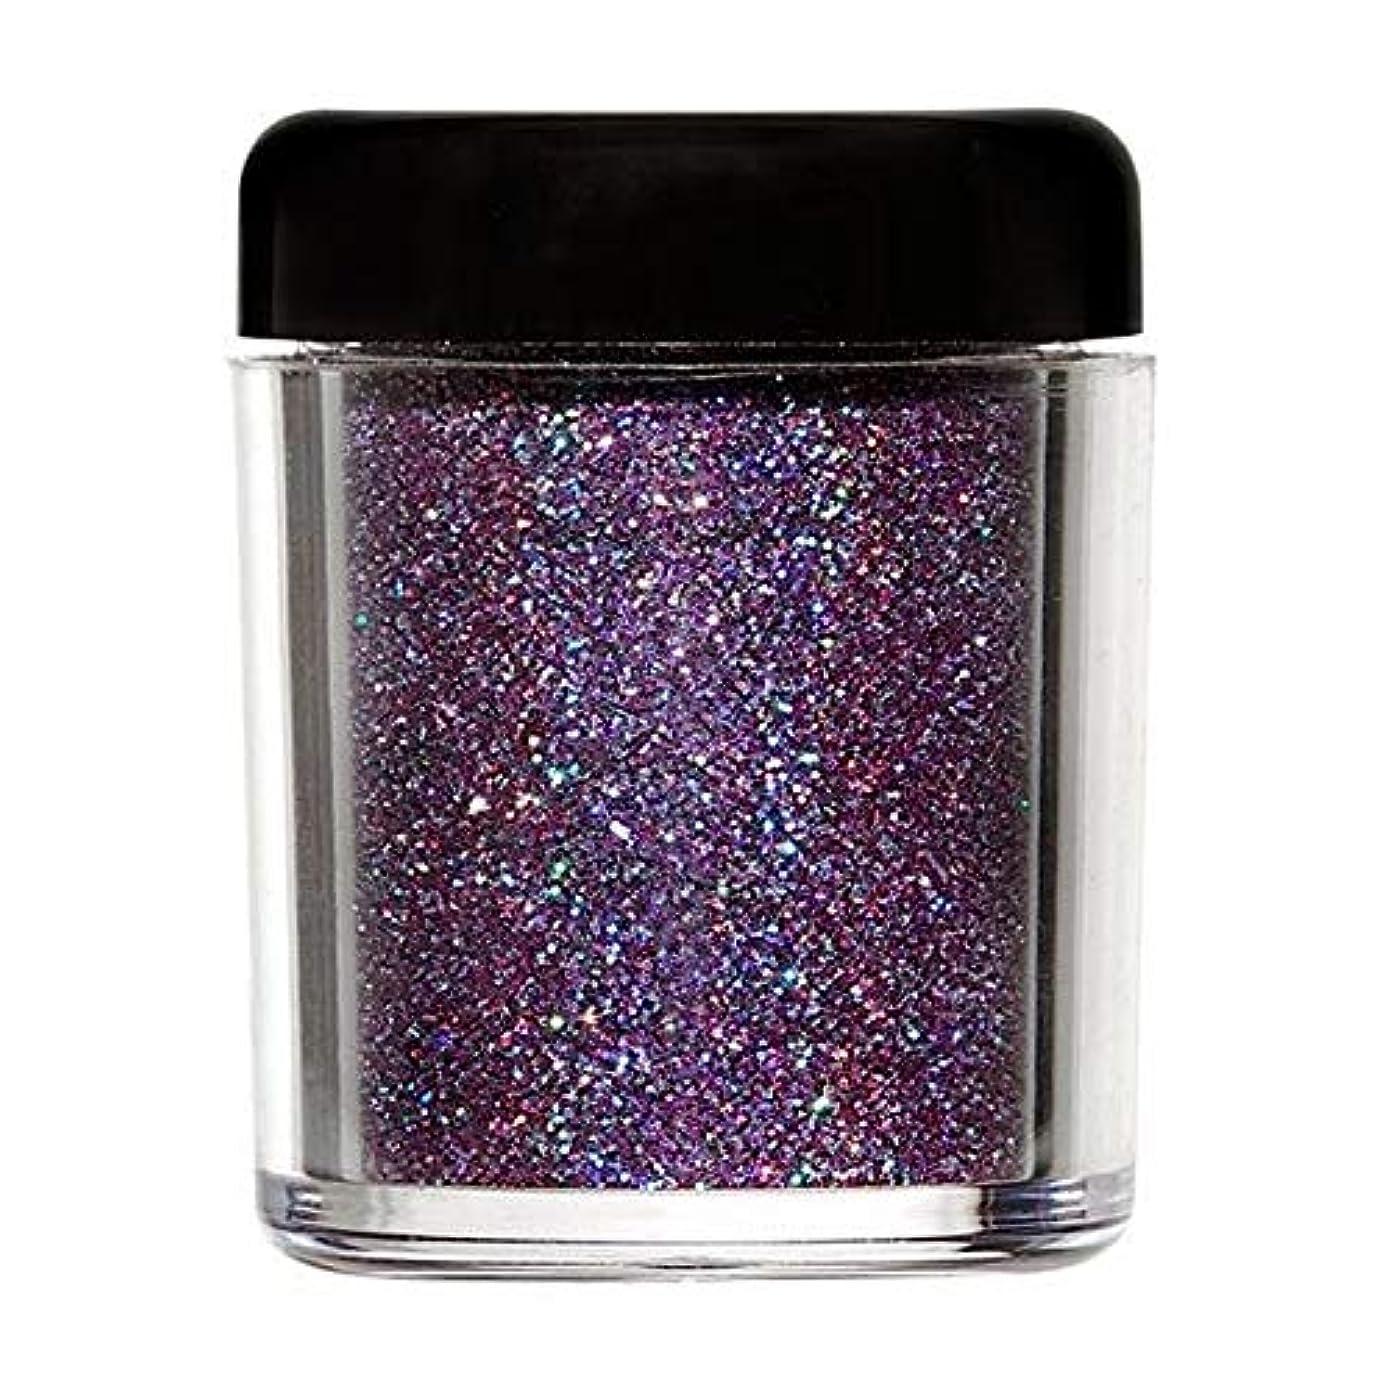 採用するコンプライアンスハンバーガー[Barry M ] バリーメートルのグリッターラッシュボディの輝き - 紫外線 - Barry M Glitter Rush Body Glitter - Ultraviolet [並行輸入品]